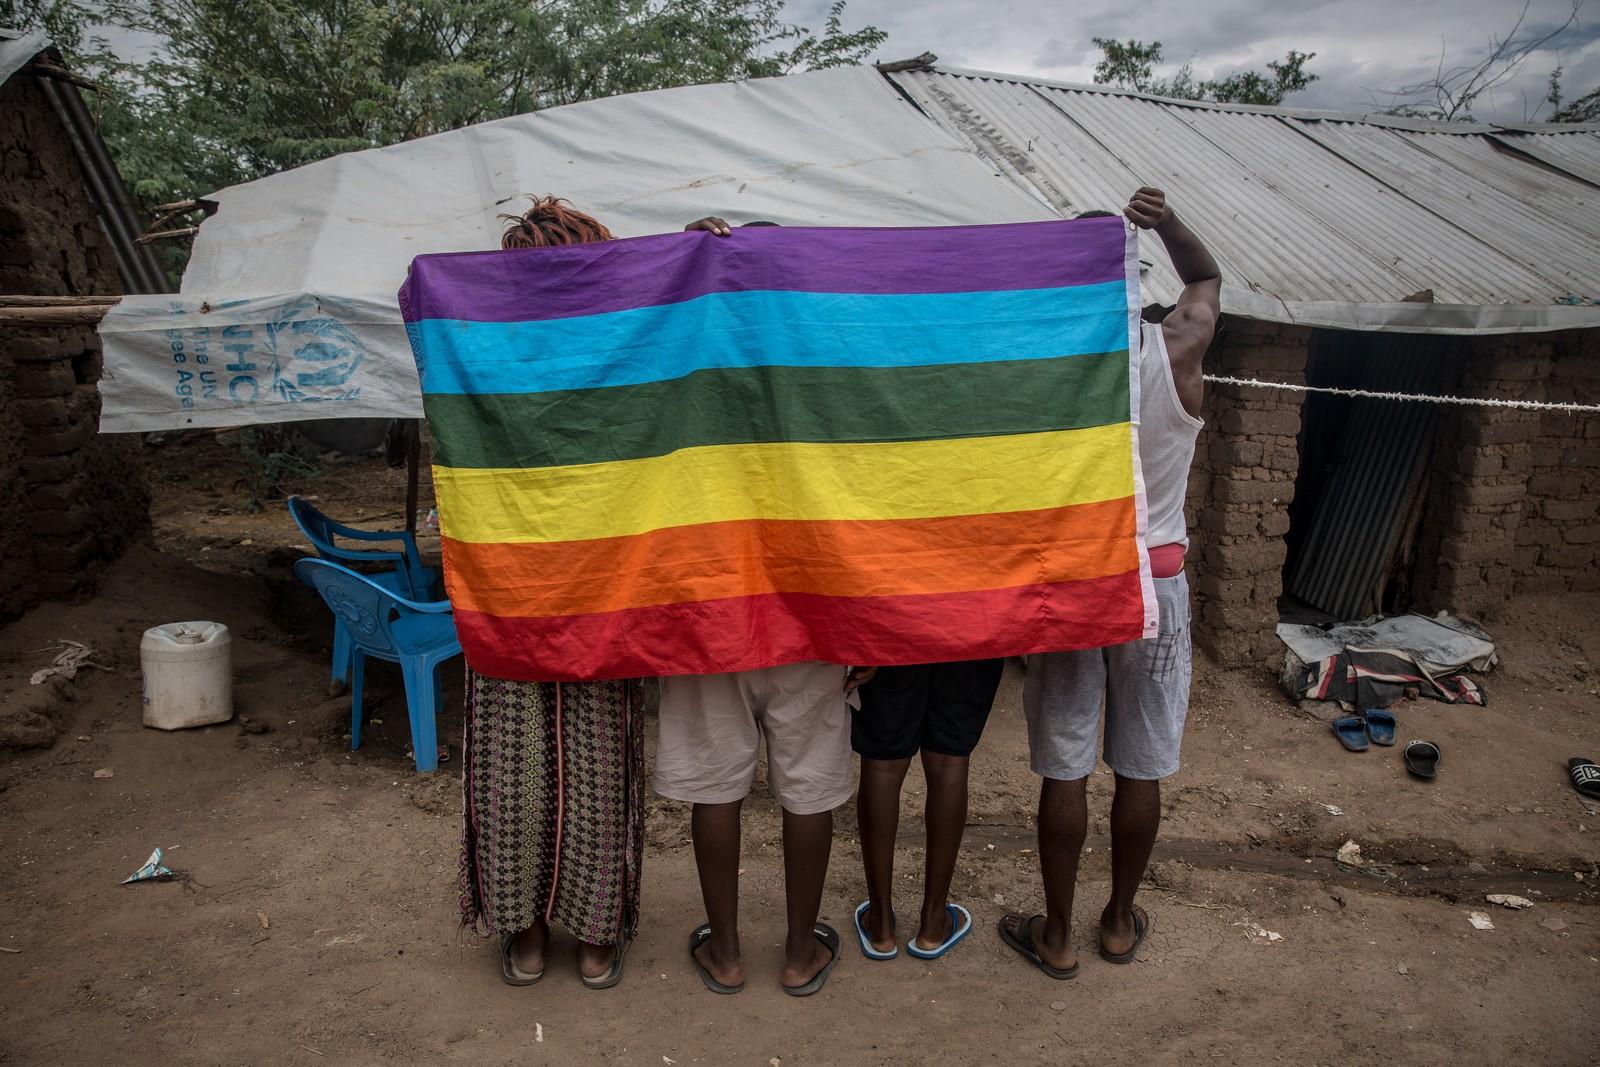 Refugiados LGBT de Uganda e outros países da África se protegem em campo no Quênia — Foto: Thomson Reuters Foundation/Reuters